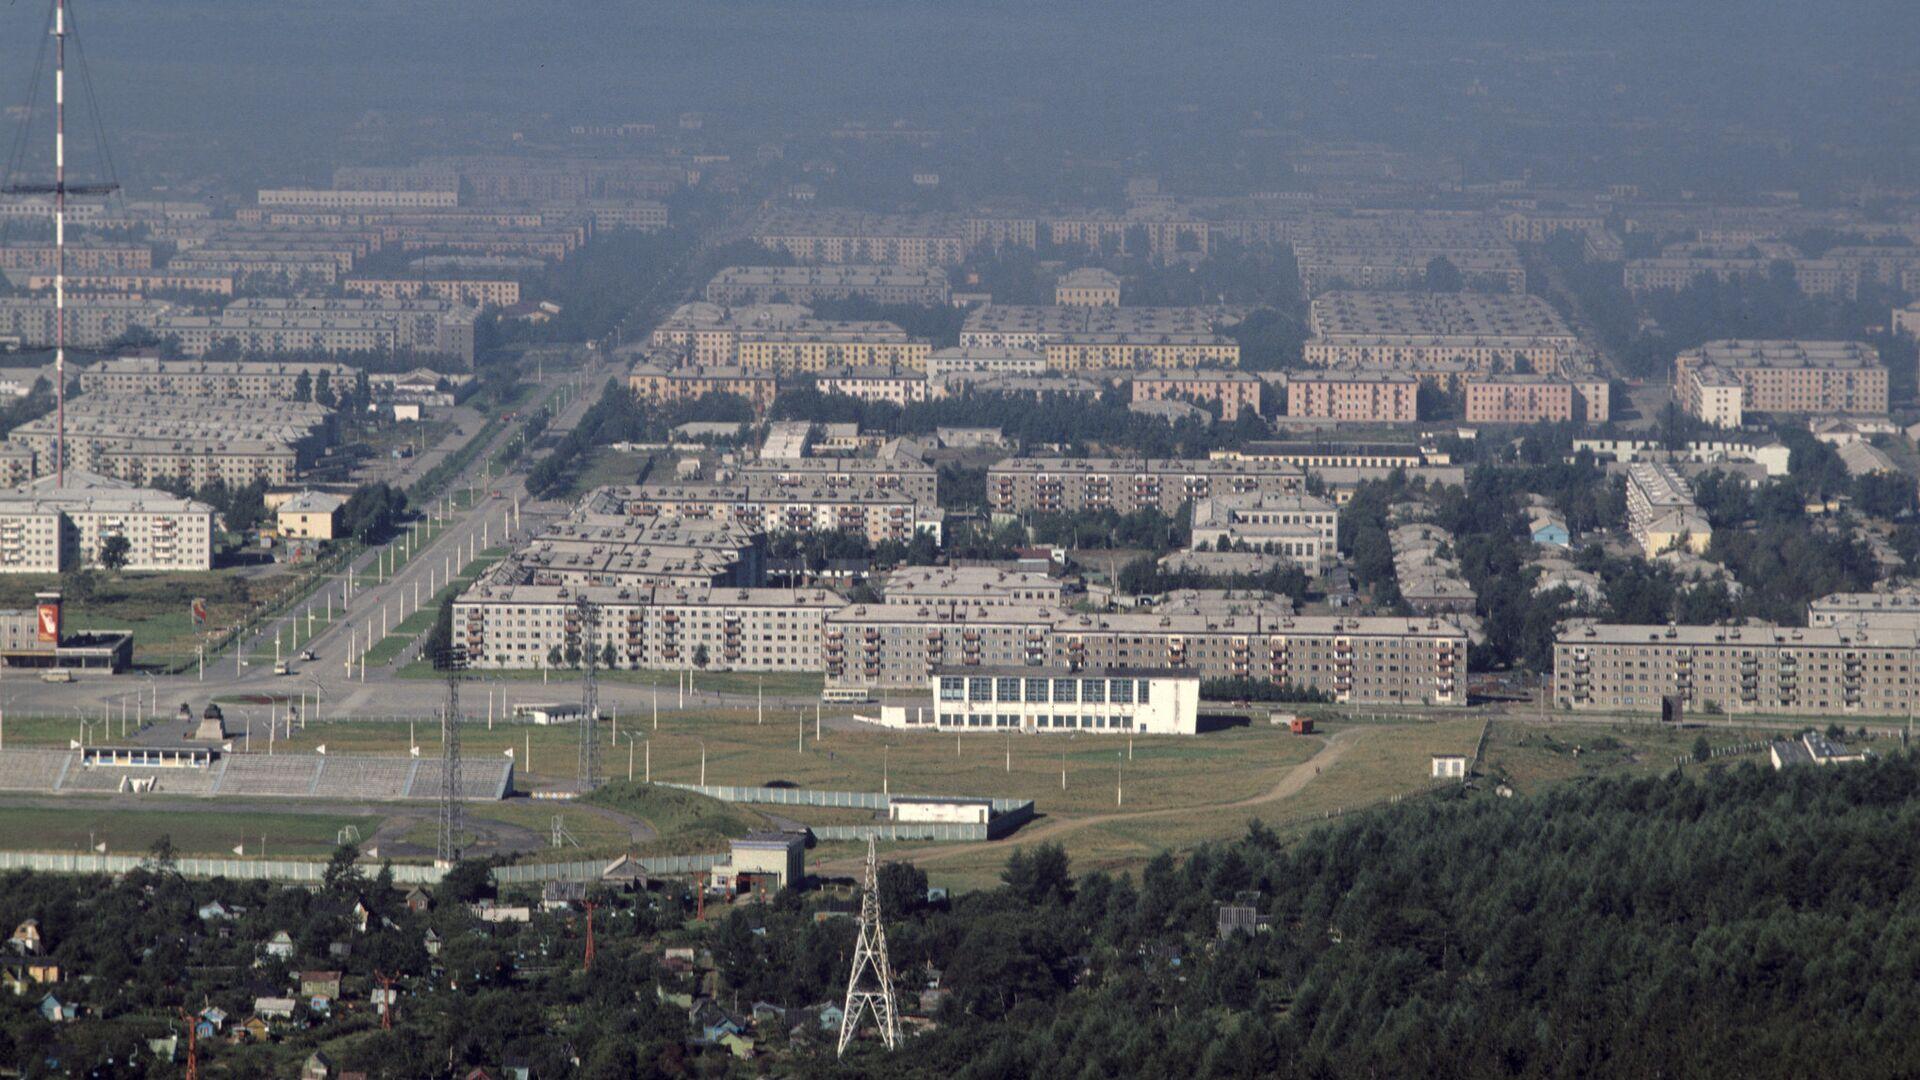 Вид на город Южно-Сахалинск - РИА Новости, 1920, 23.09.2020